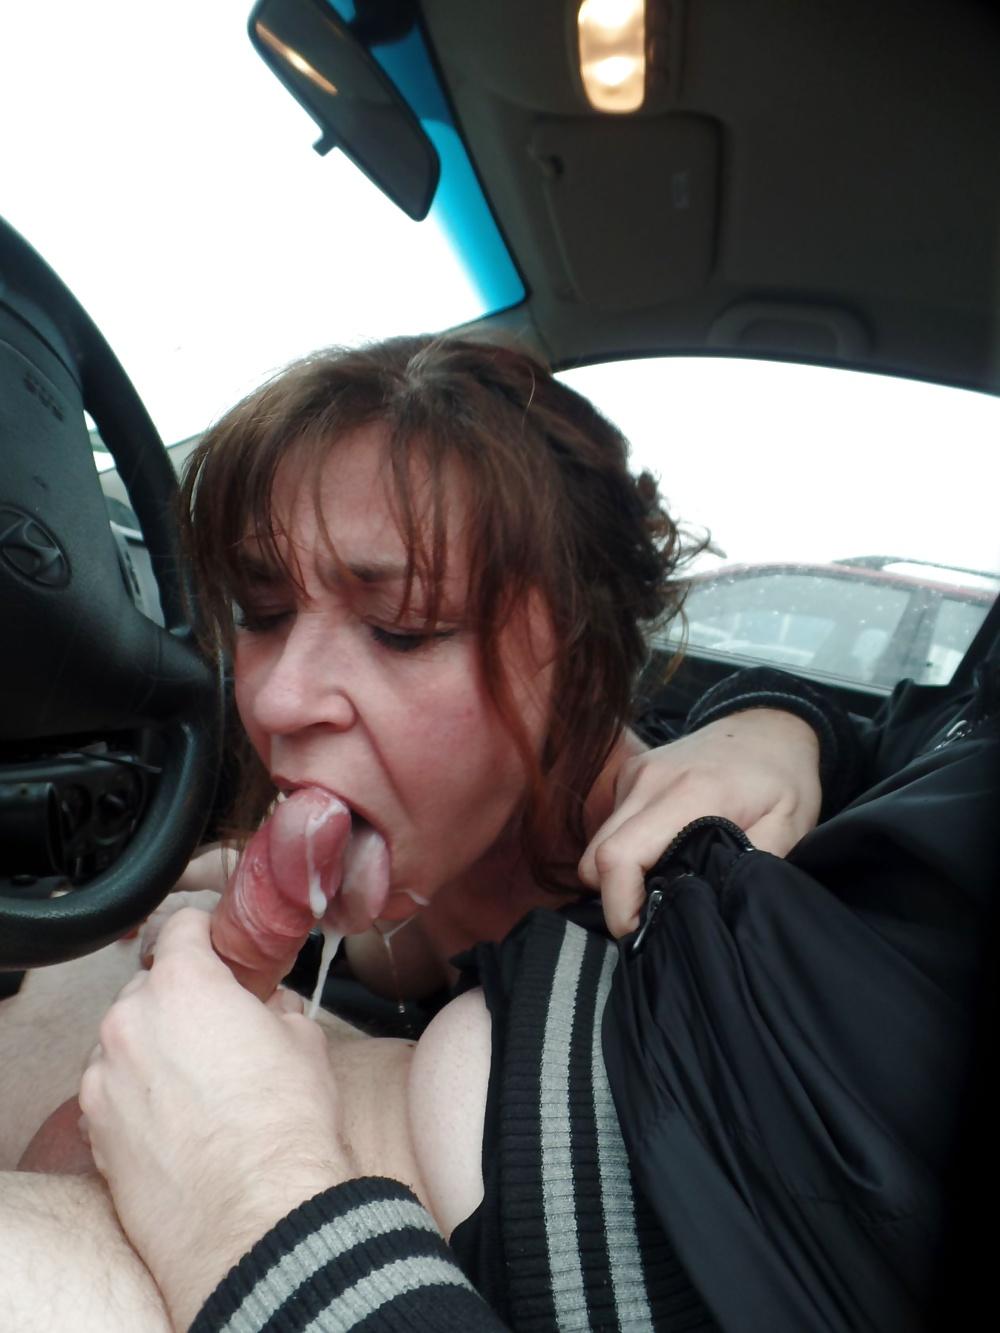 porno-na-doroge-prostitutka-delaet-minet